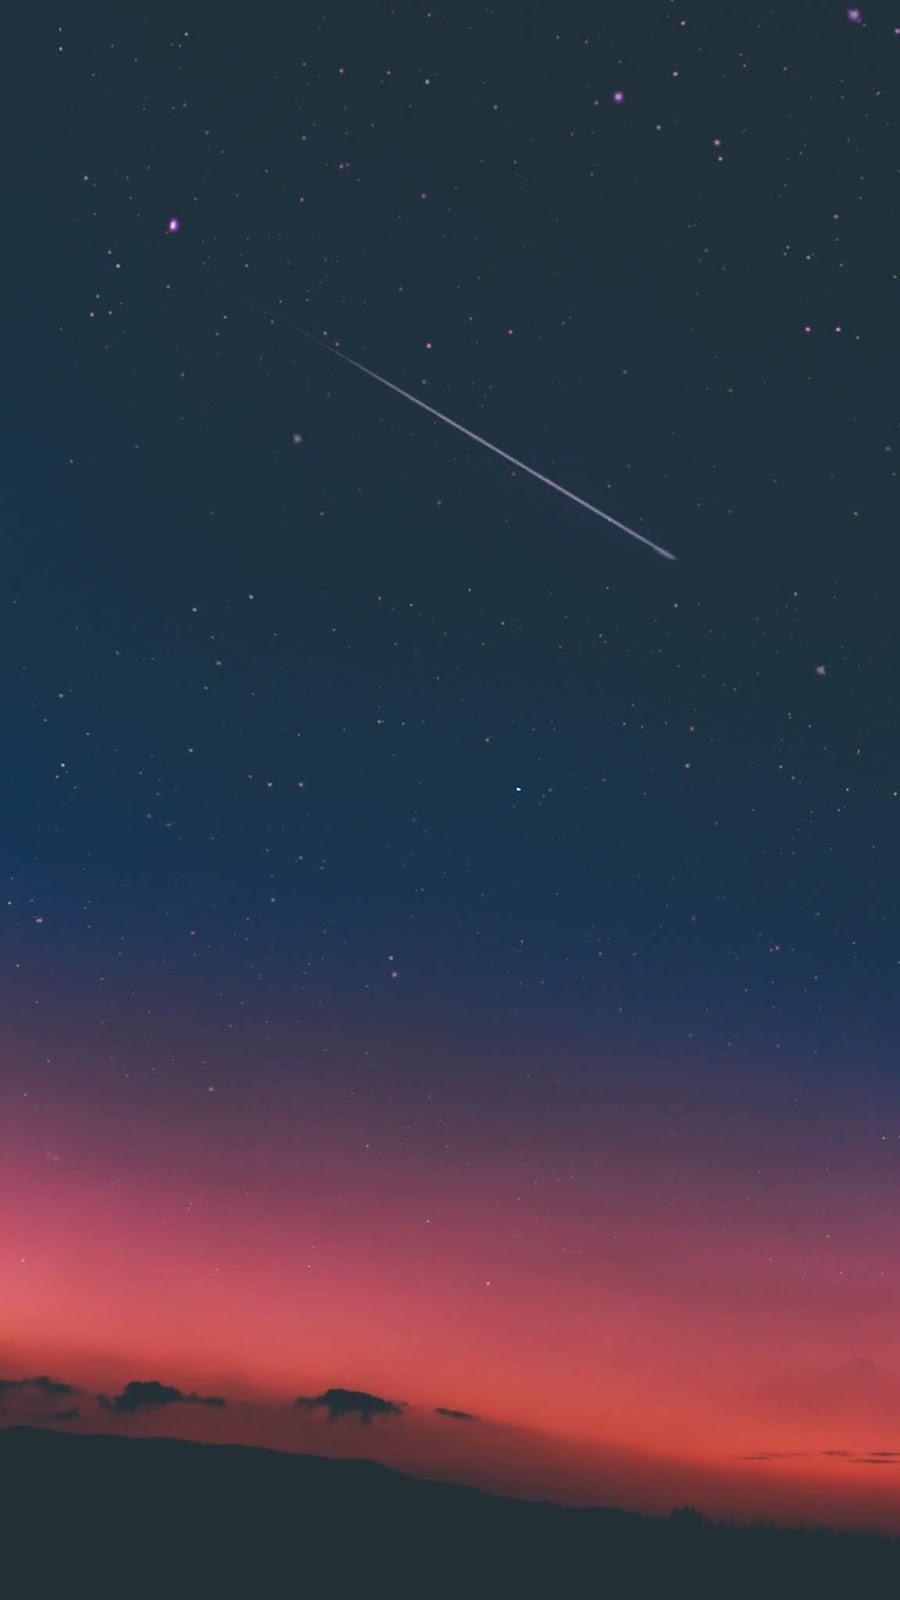 Star fall in the night sky